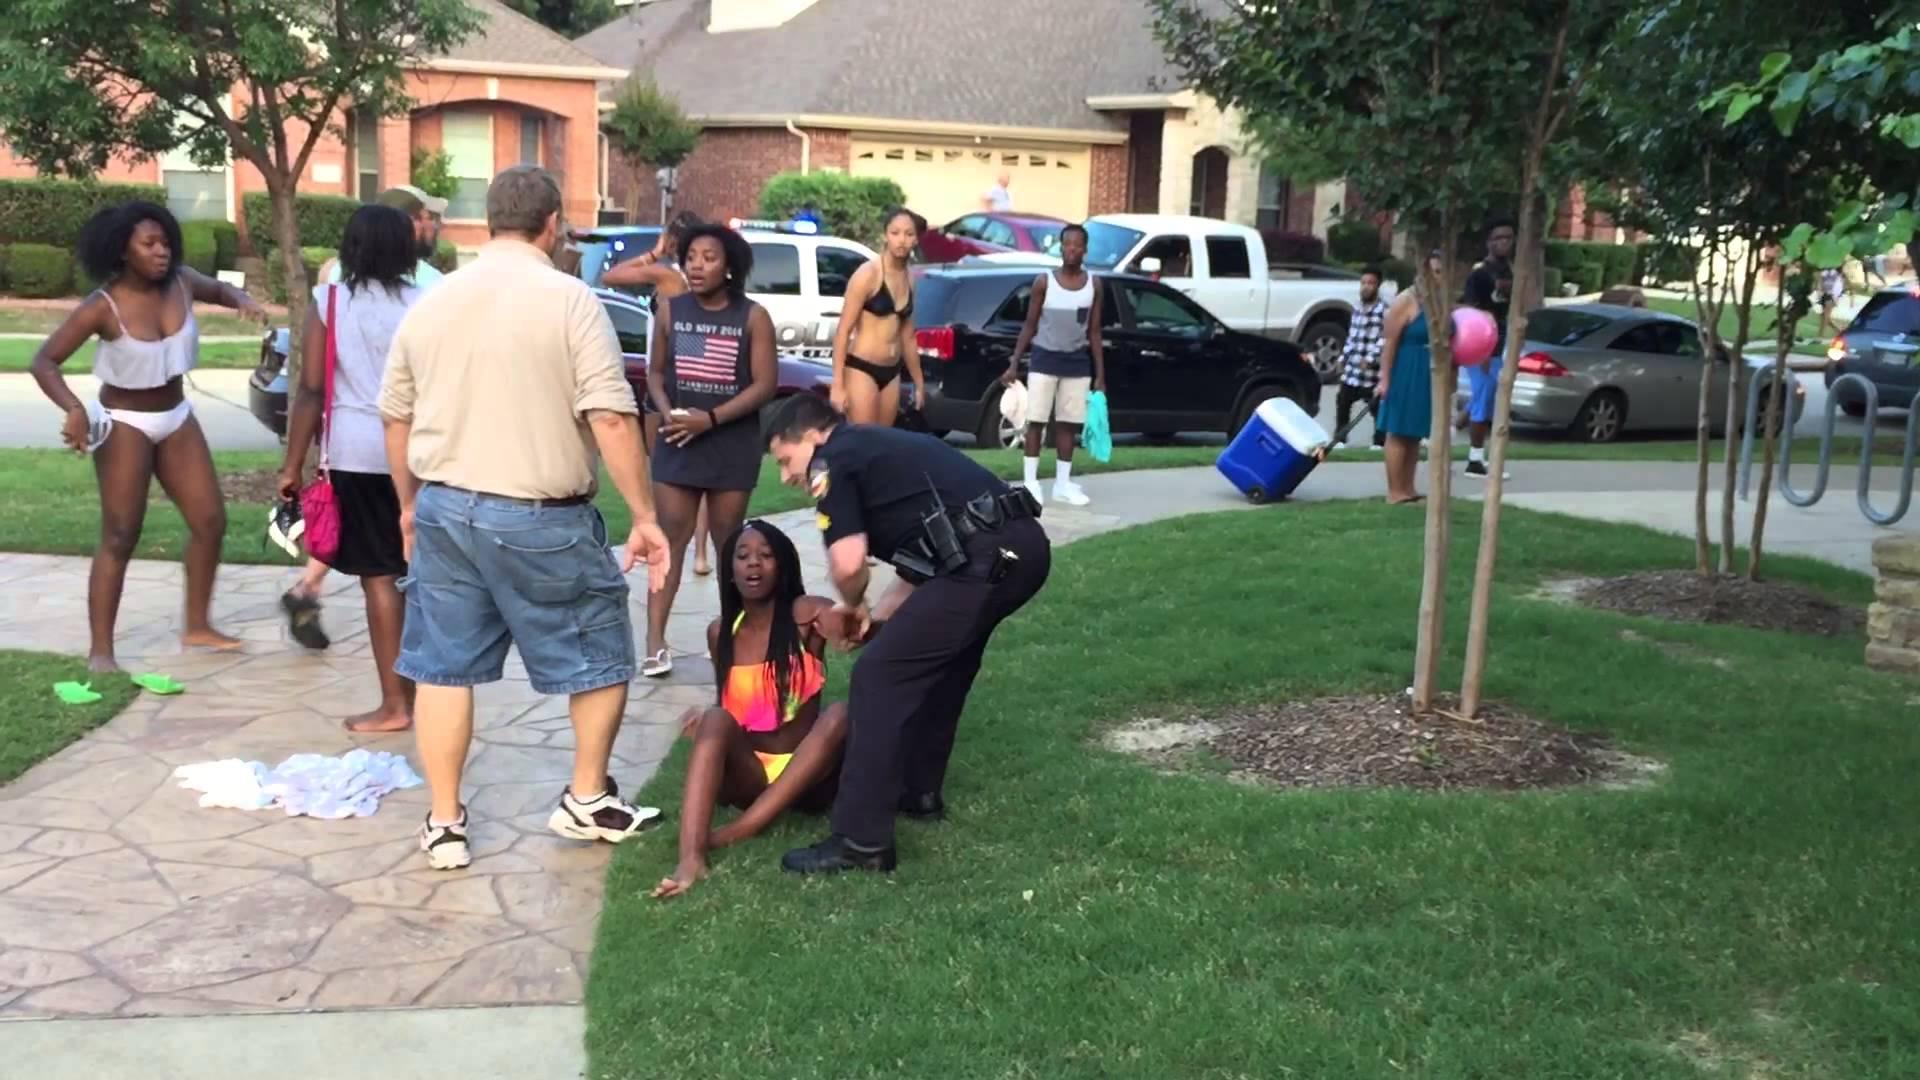 فيديو لضابط أميركي يرمي فتاة سمراء البشرة على الأرض يثير الغضب في أميركا